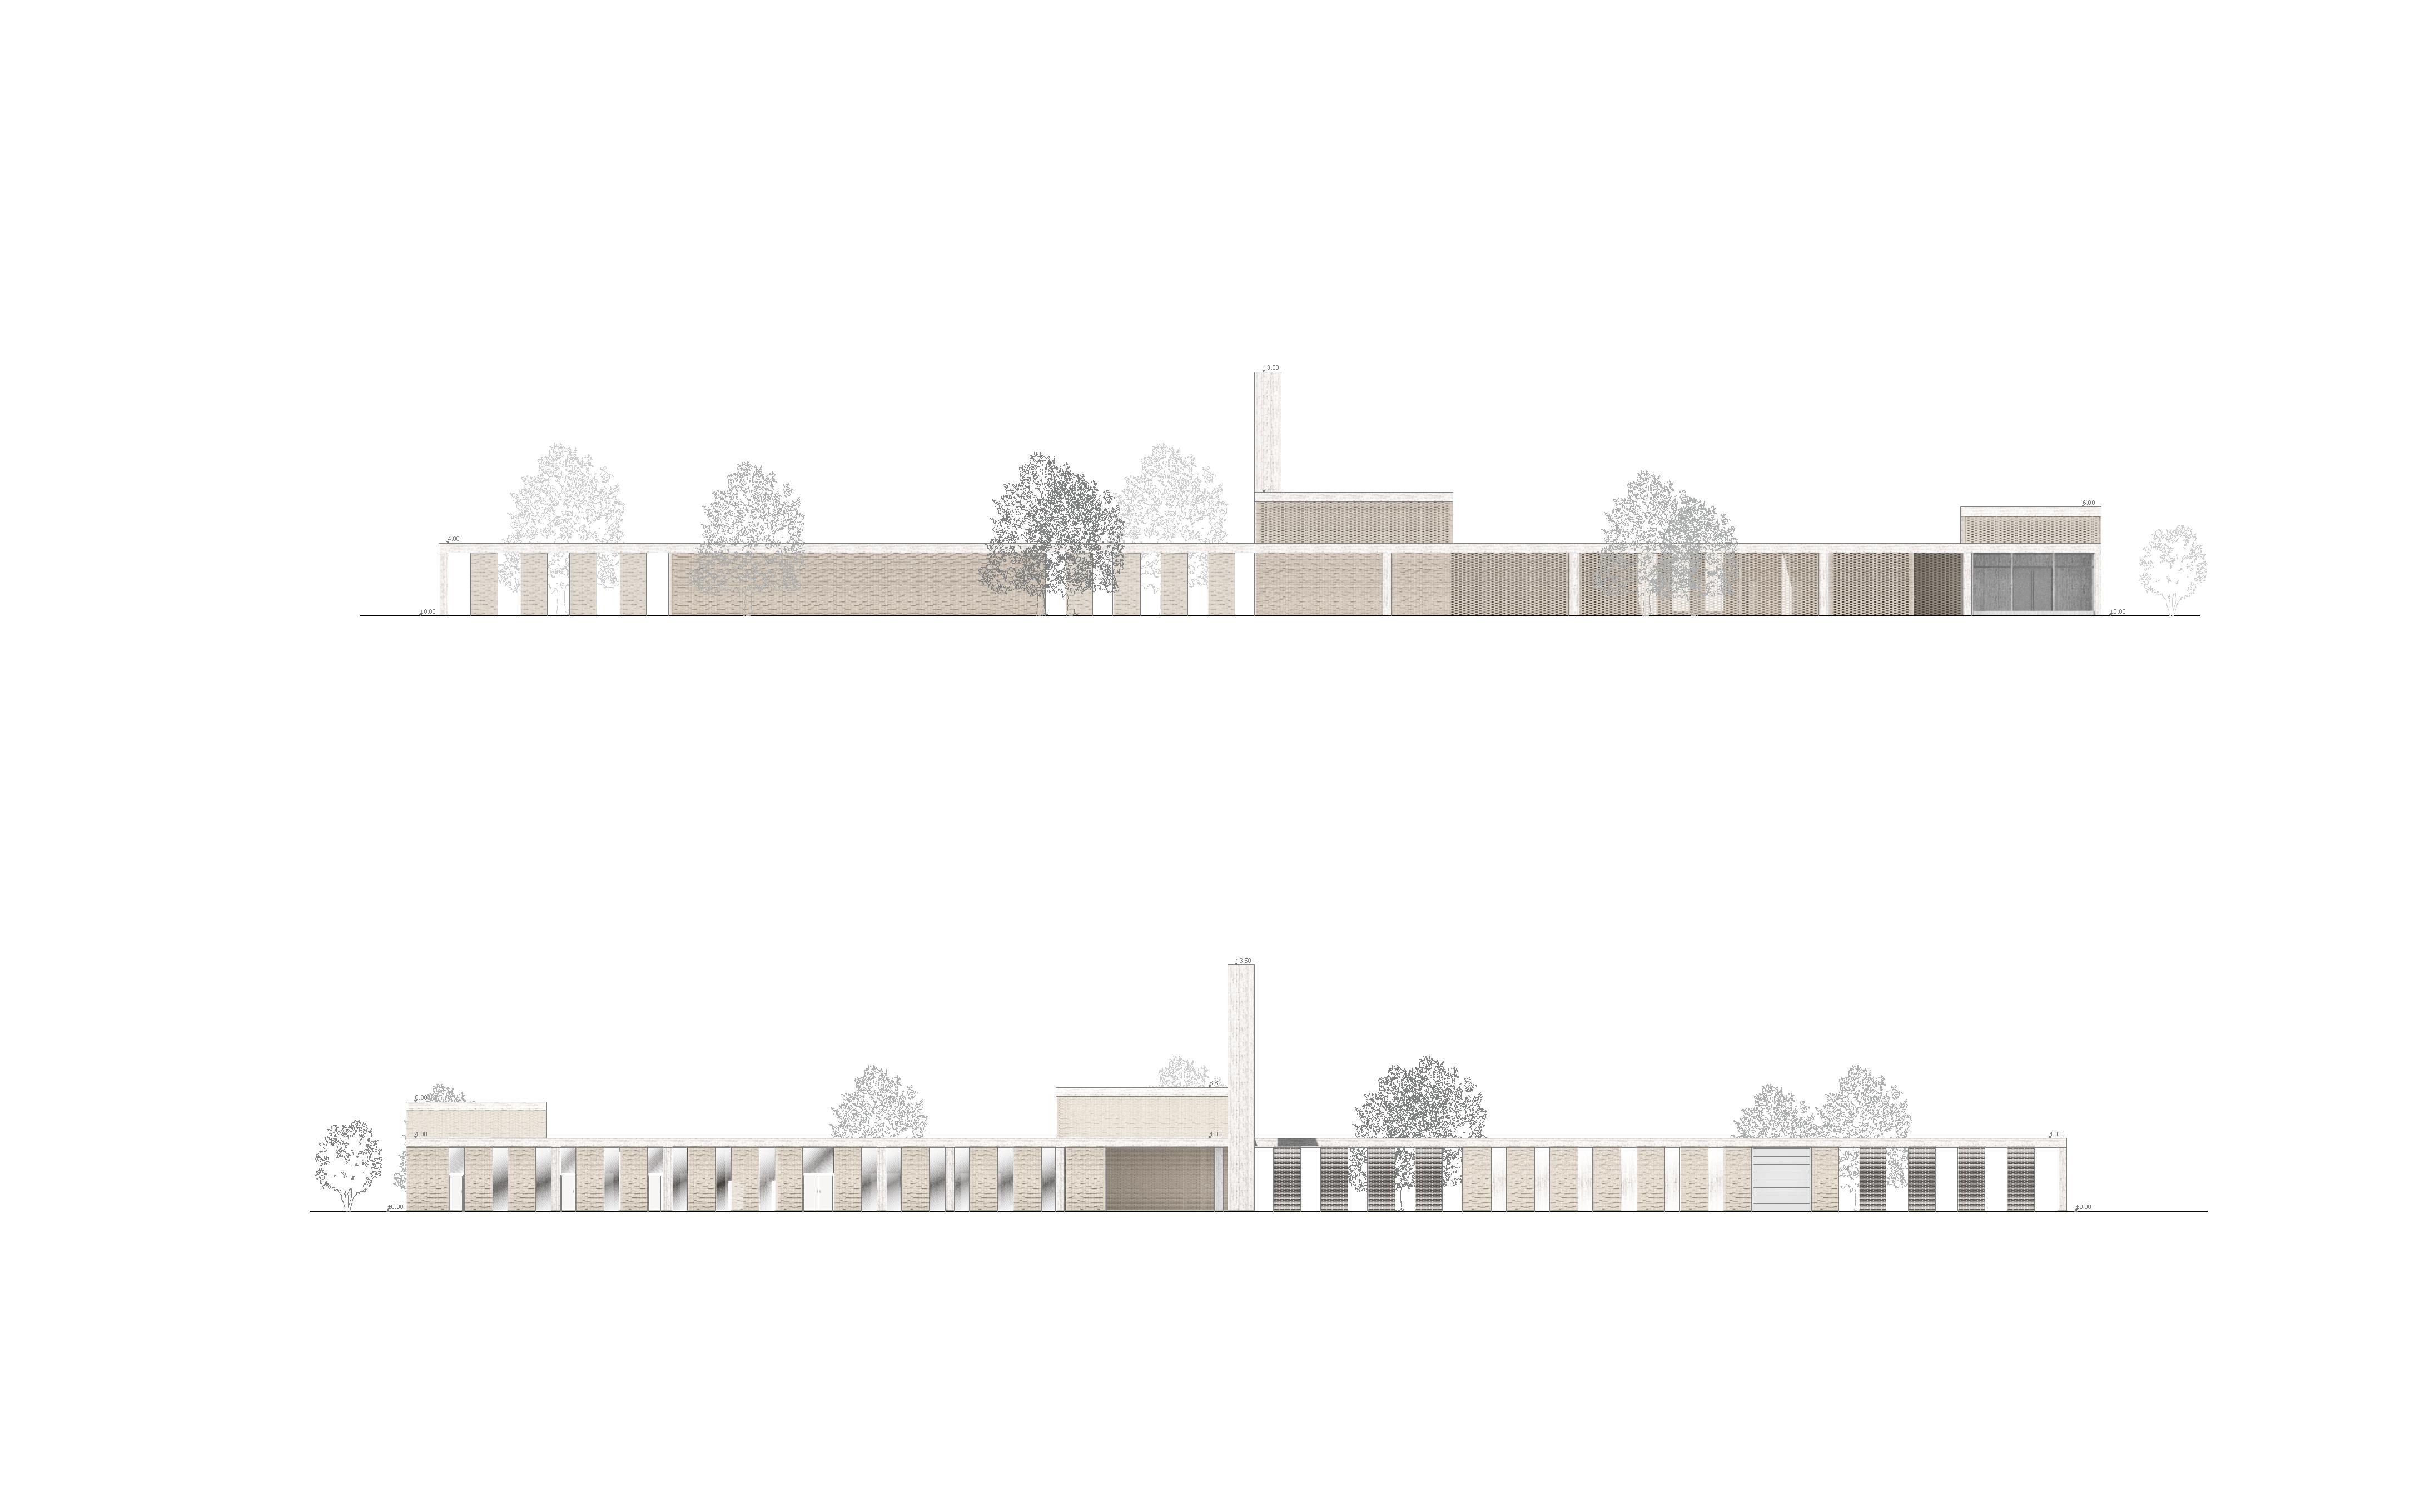 Südost_Nordwest_Fassade